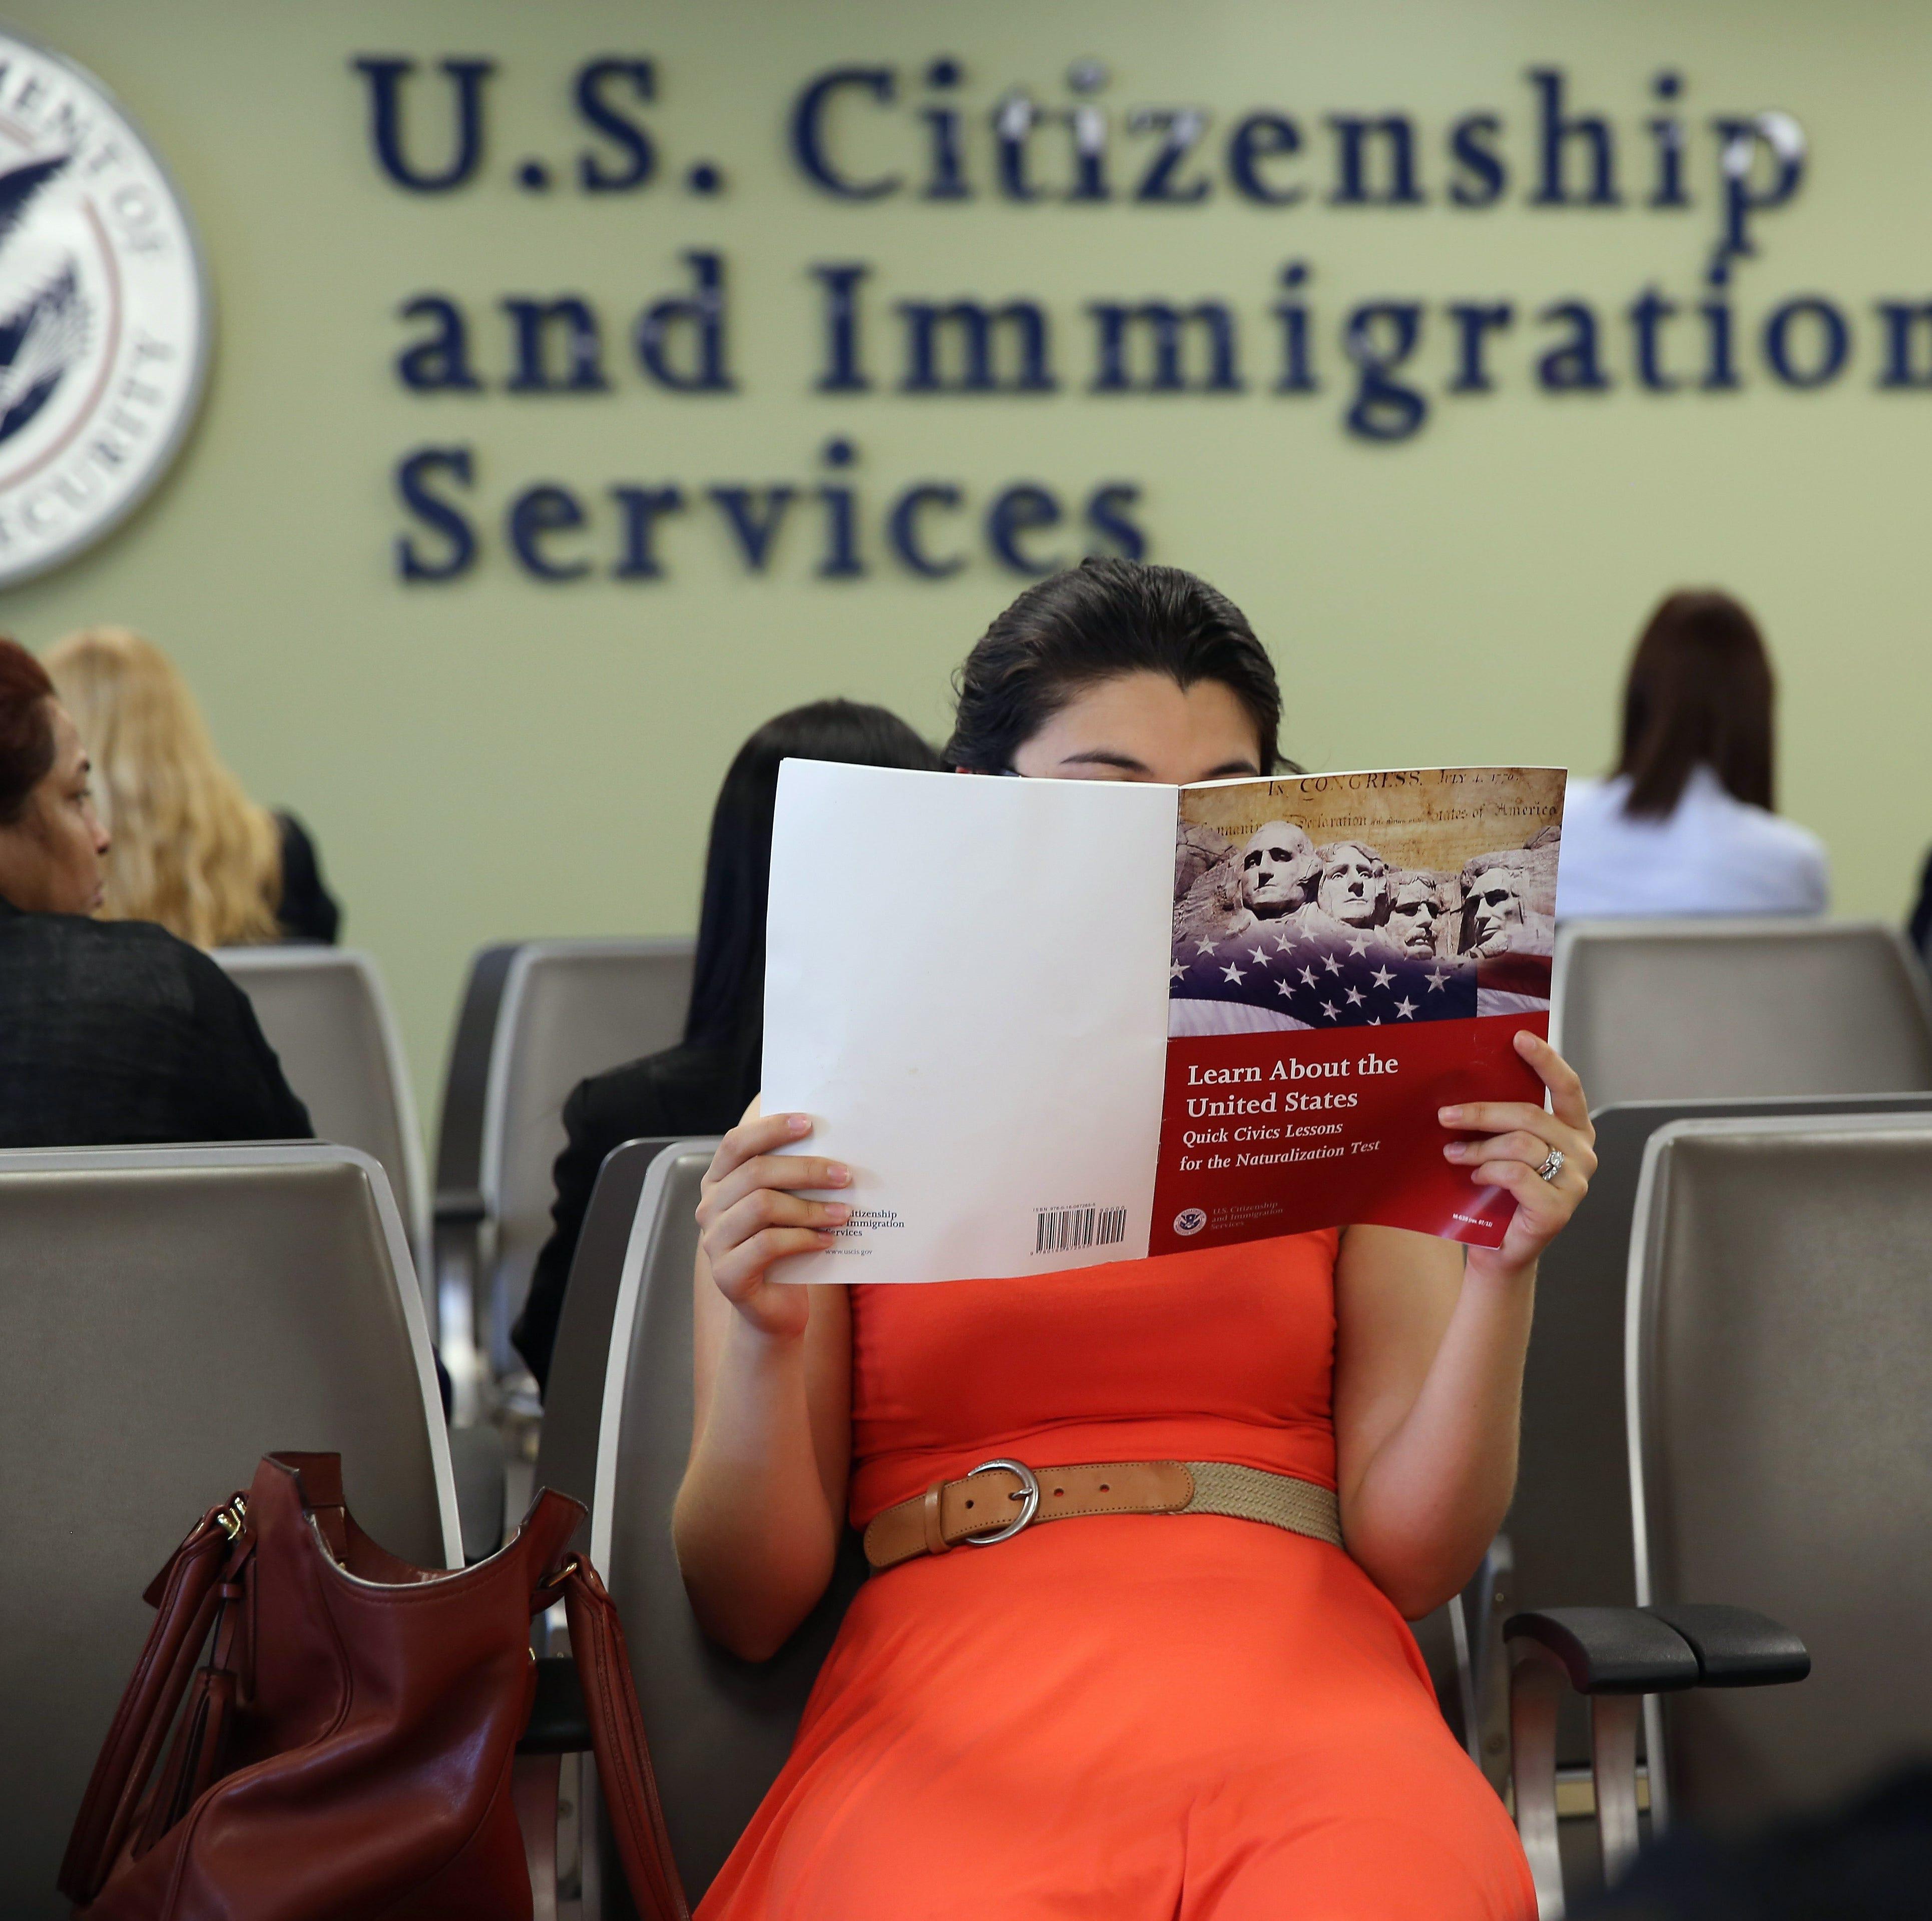 EEUU: Agencia migratoria cerraría oficinas fuera del país